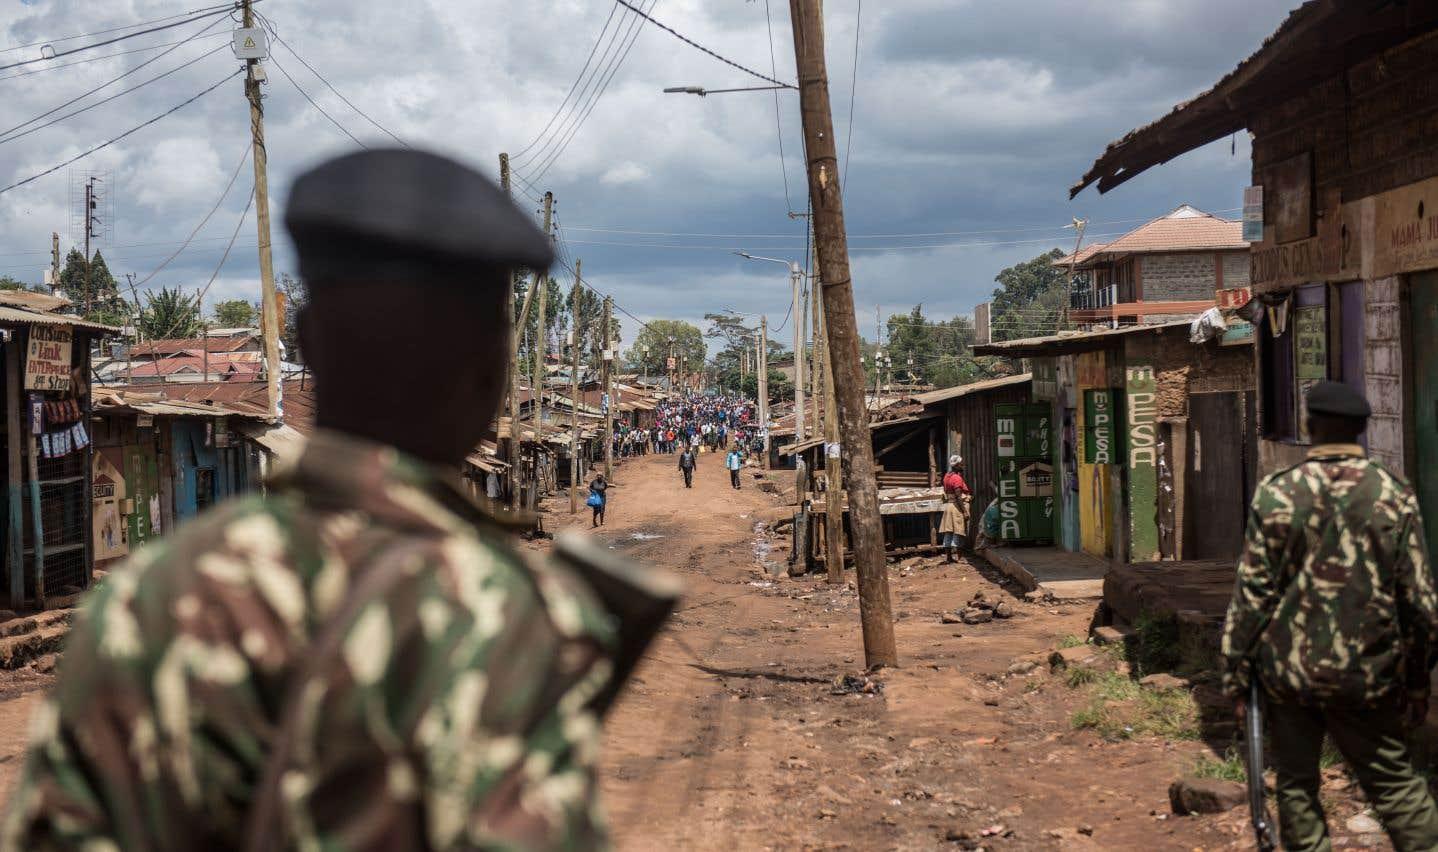 Des policiers montent la garde alors que des manifestants se rendent au bureau de vote de Gatina dans le district de Kawangware à Nairobi.